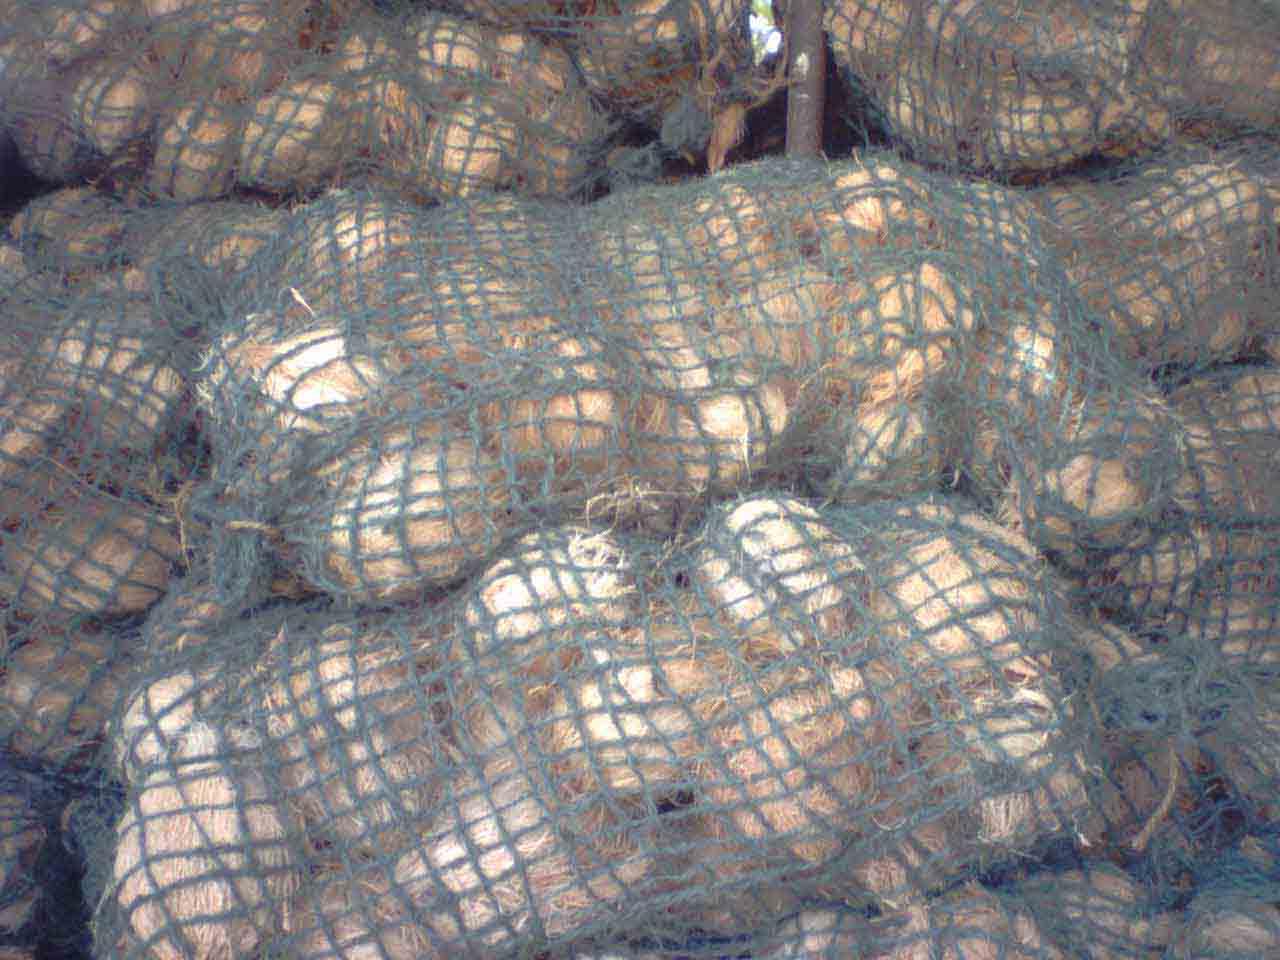 Coconut (Semi Husk) (Coconut (Semi Husk))